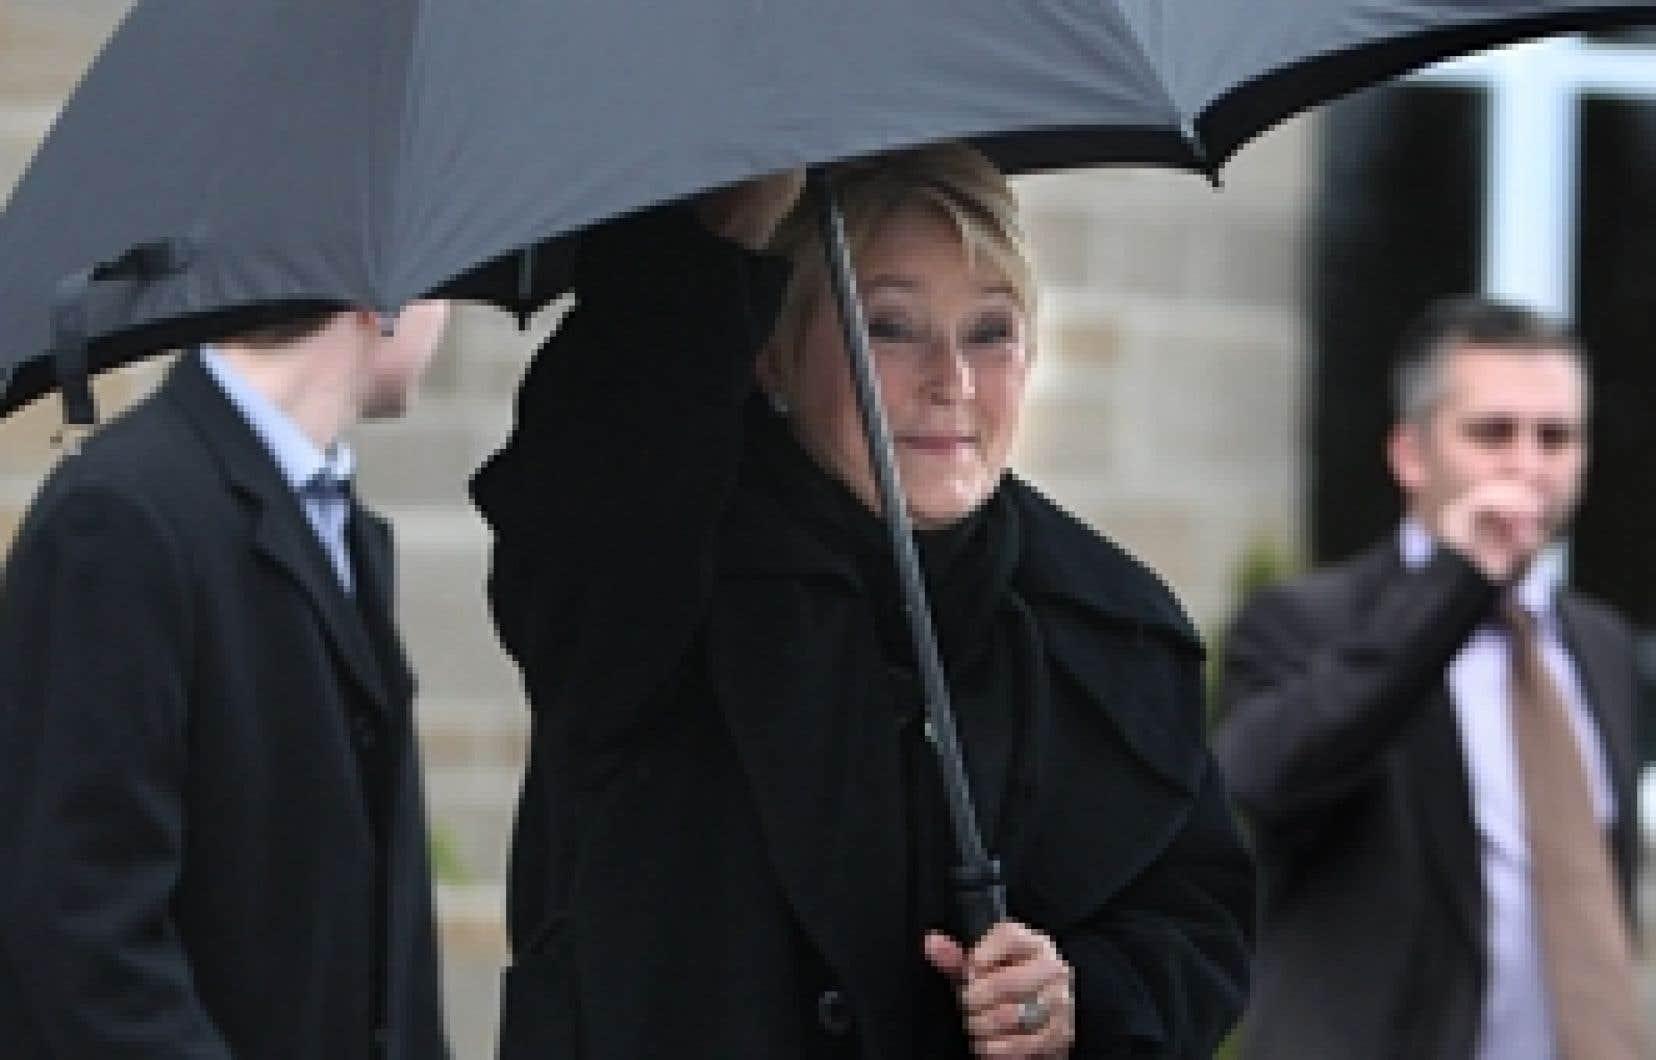 Pauline Marois, dénoncée par ses adversaires pour son appui à la coalition née dans la capitale fédérale, a dit croire que la crise qui secoue Ottawa montre bien que le pays ne fonctionne pas.